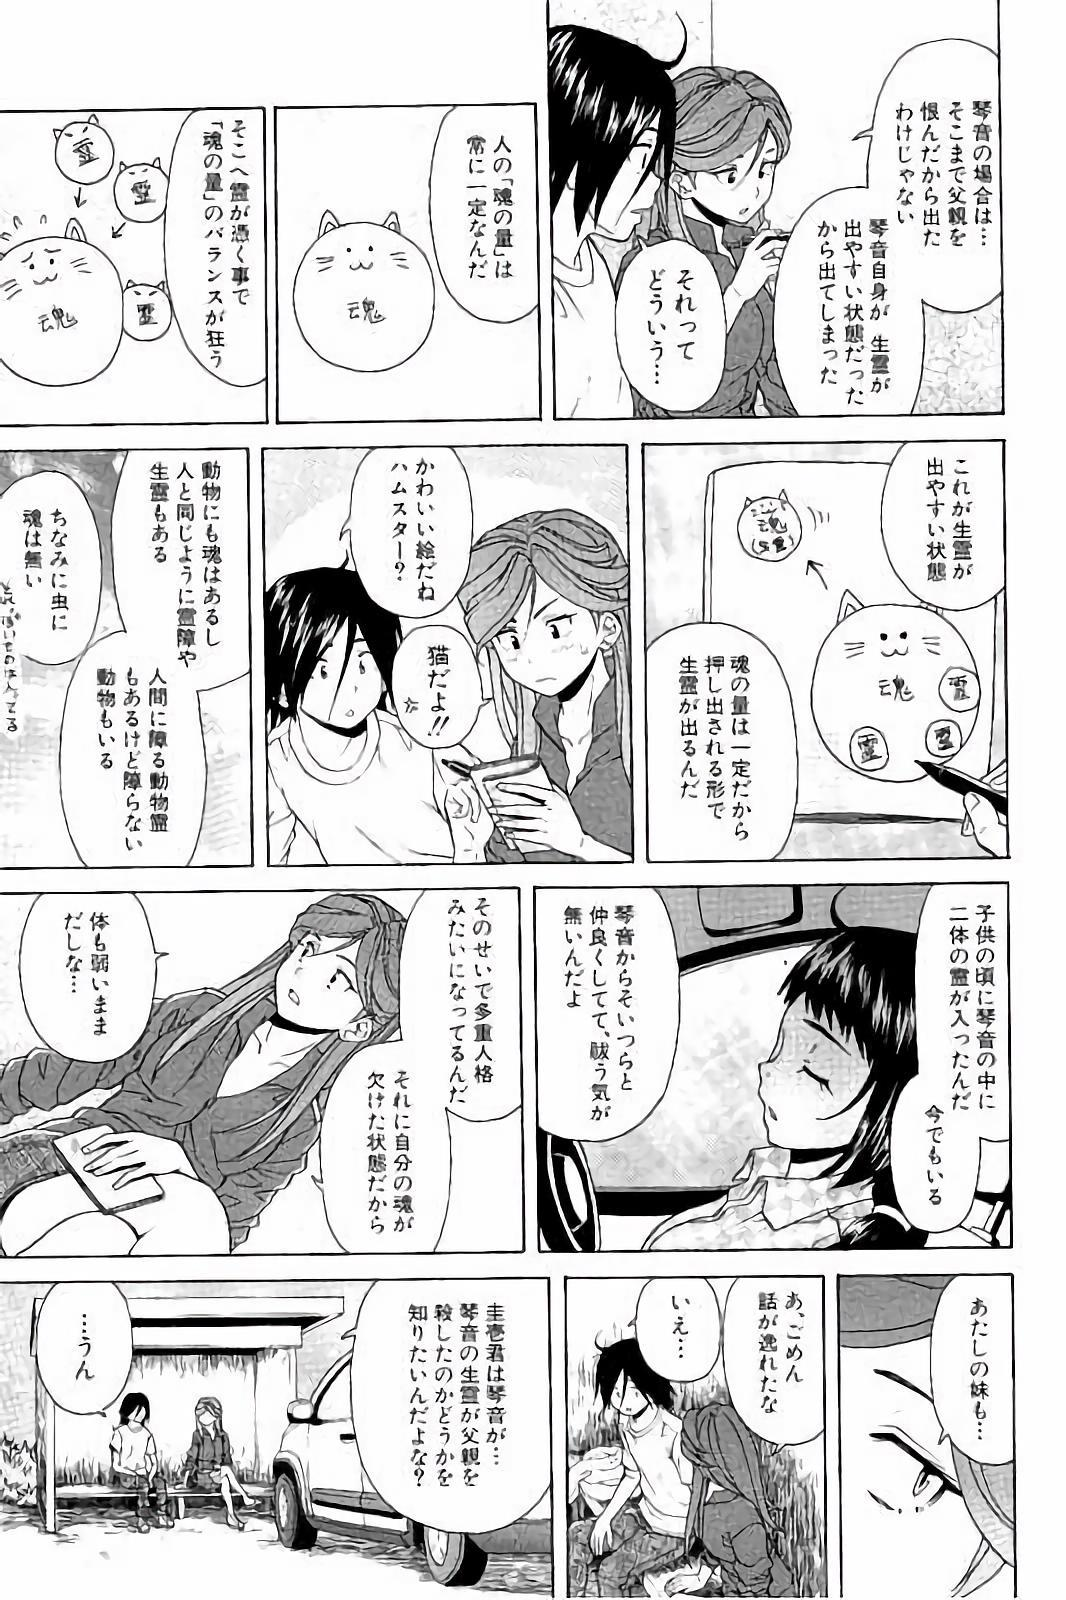 Ane no Himitsu To Boku no Jisatsu 108